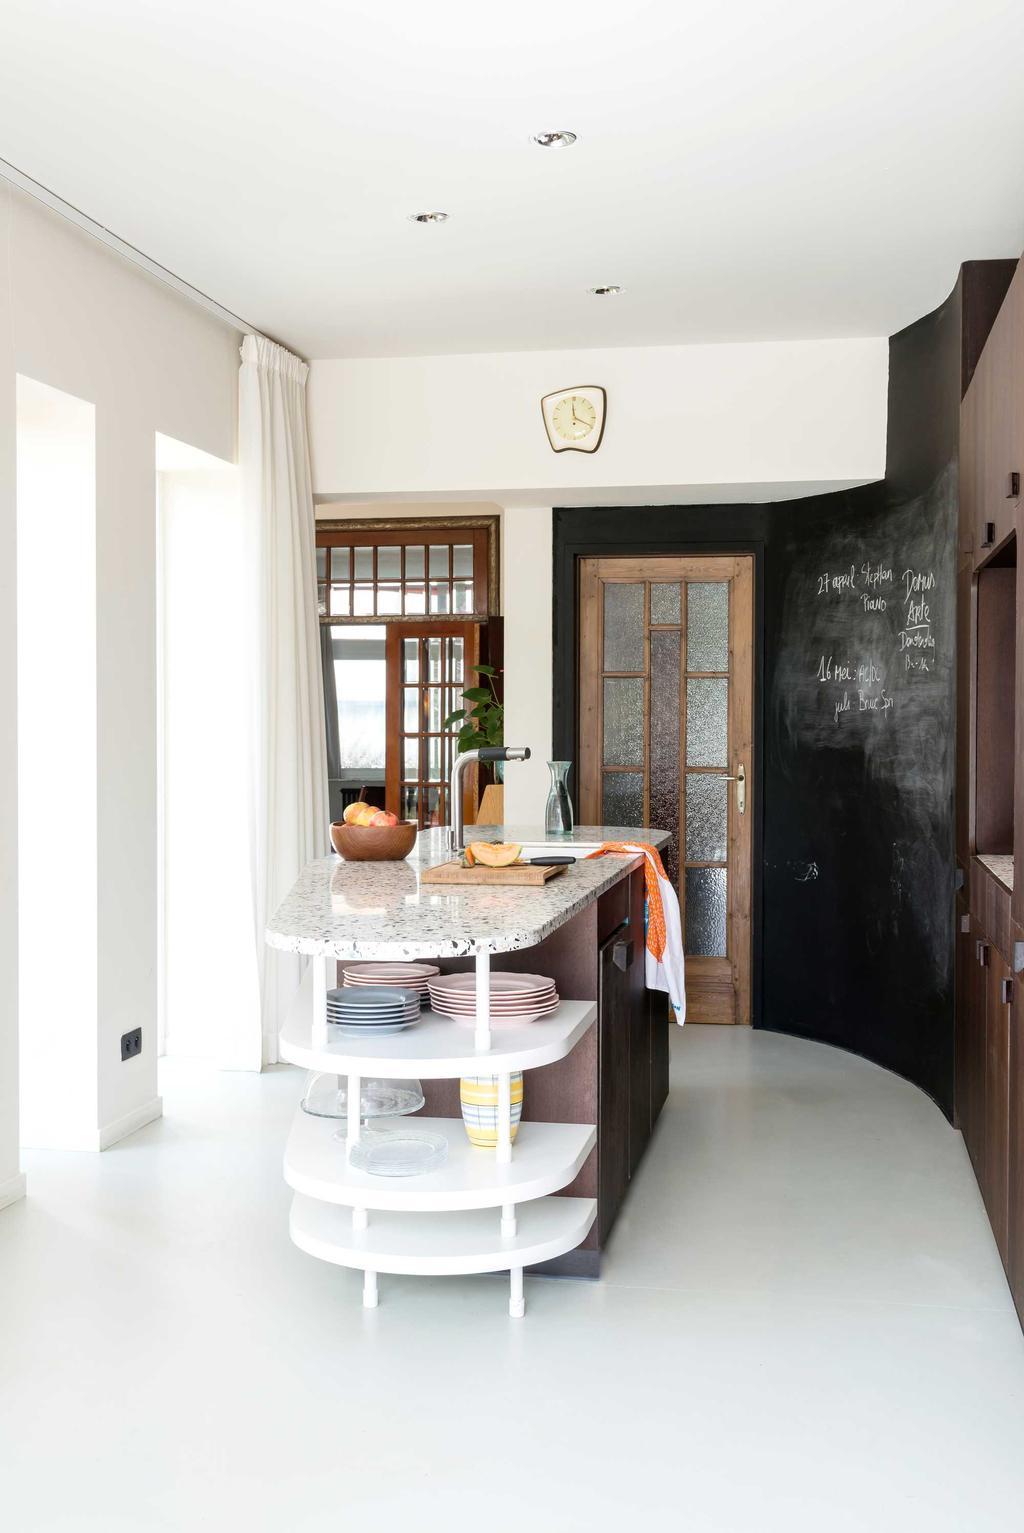 Een muur met schoolbordverf kan in de keuken uitstekend dienstdoen als memobord